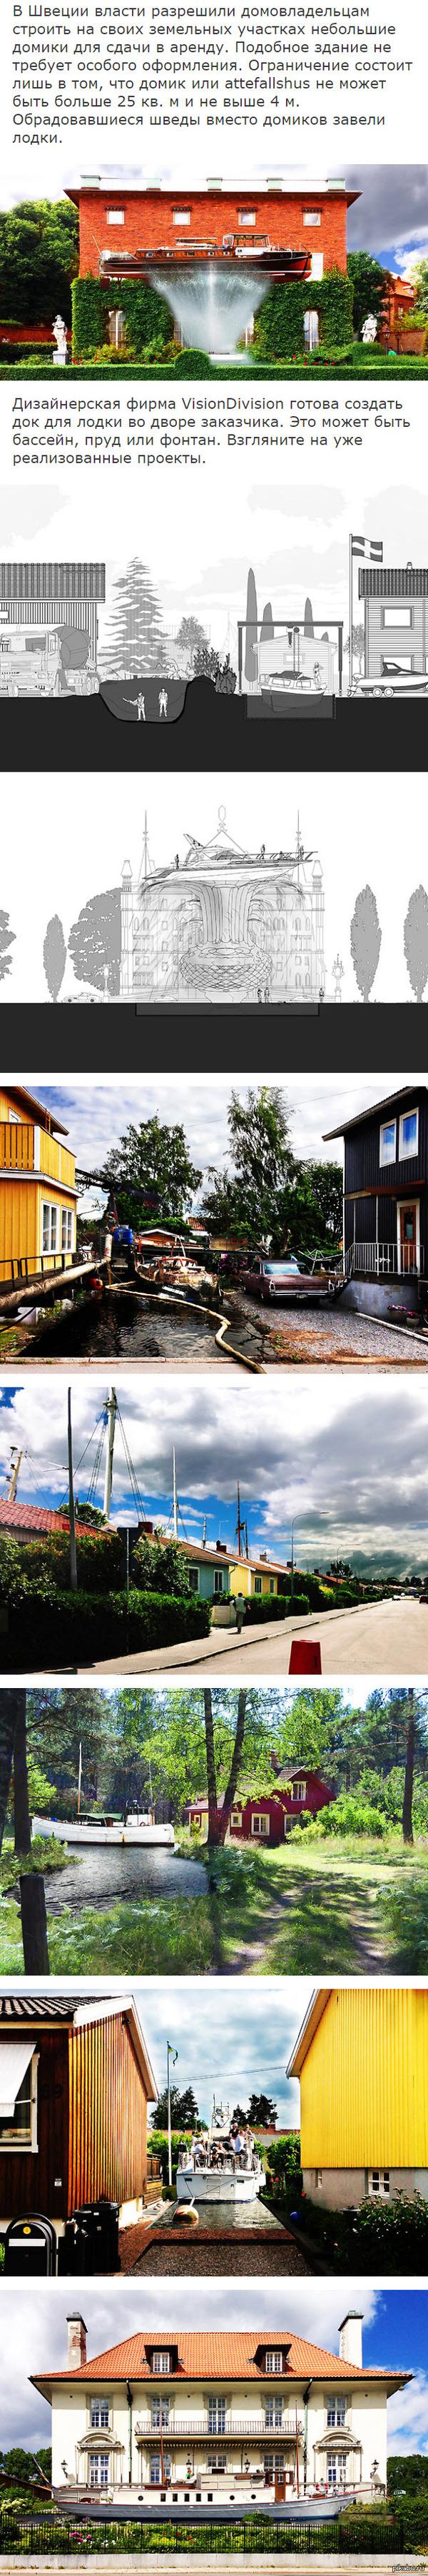 Необычный гостевой домик в Швеции Власти разрешили гражданам строить небольшие домики на участках дабы селить гостей. Кое-кто решил скреативить.